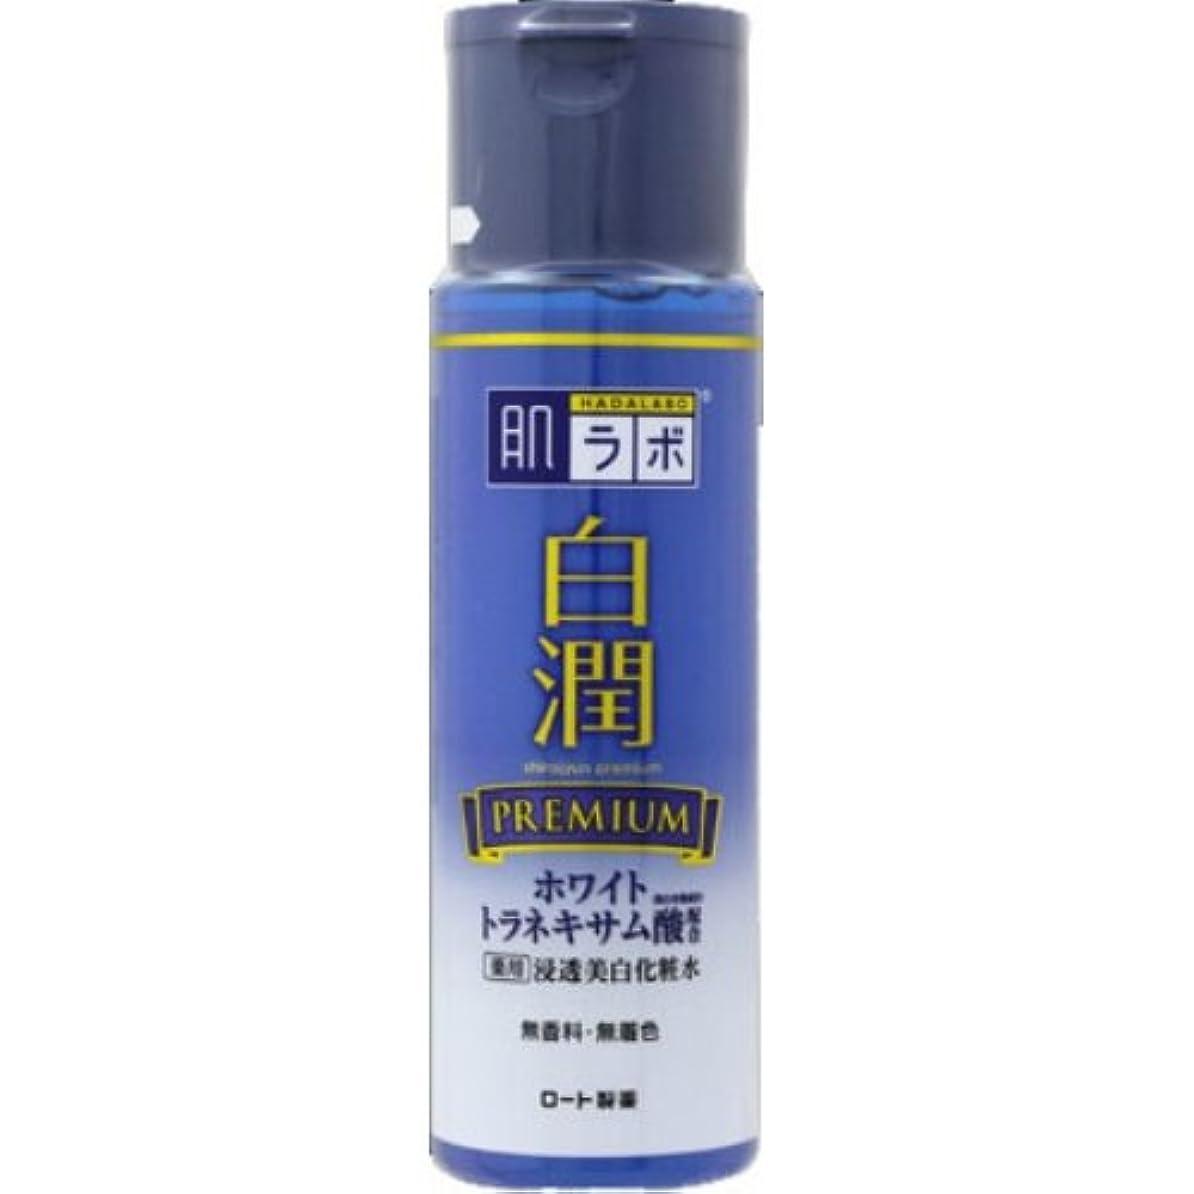 前兆きらめく構成員肌ラボ 白潤プレミアム 薬用浸透美白化粧水 170mL × 10個セット